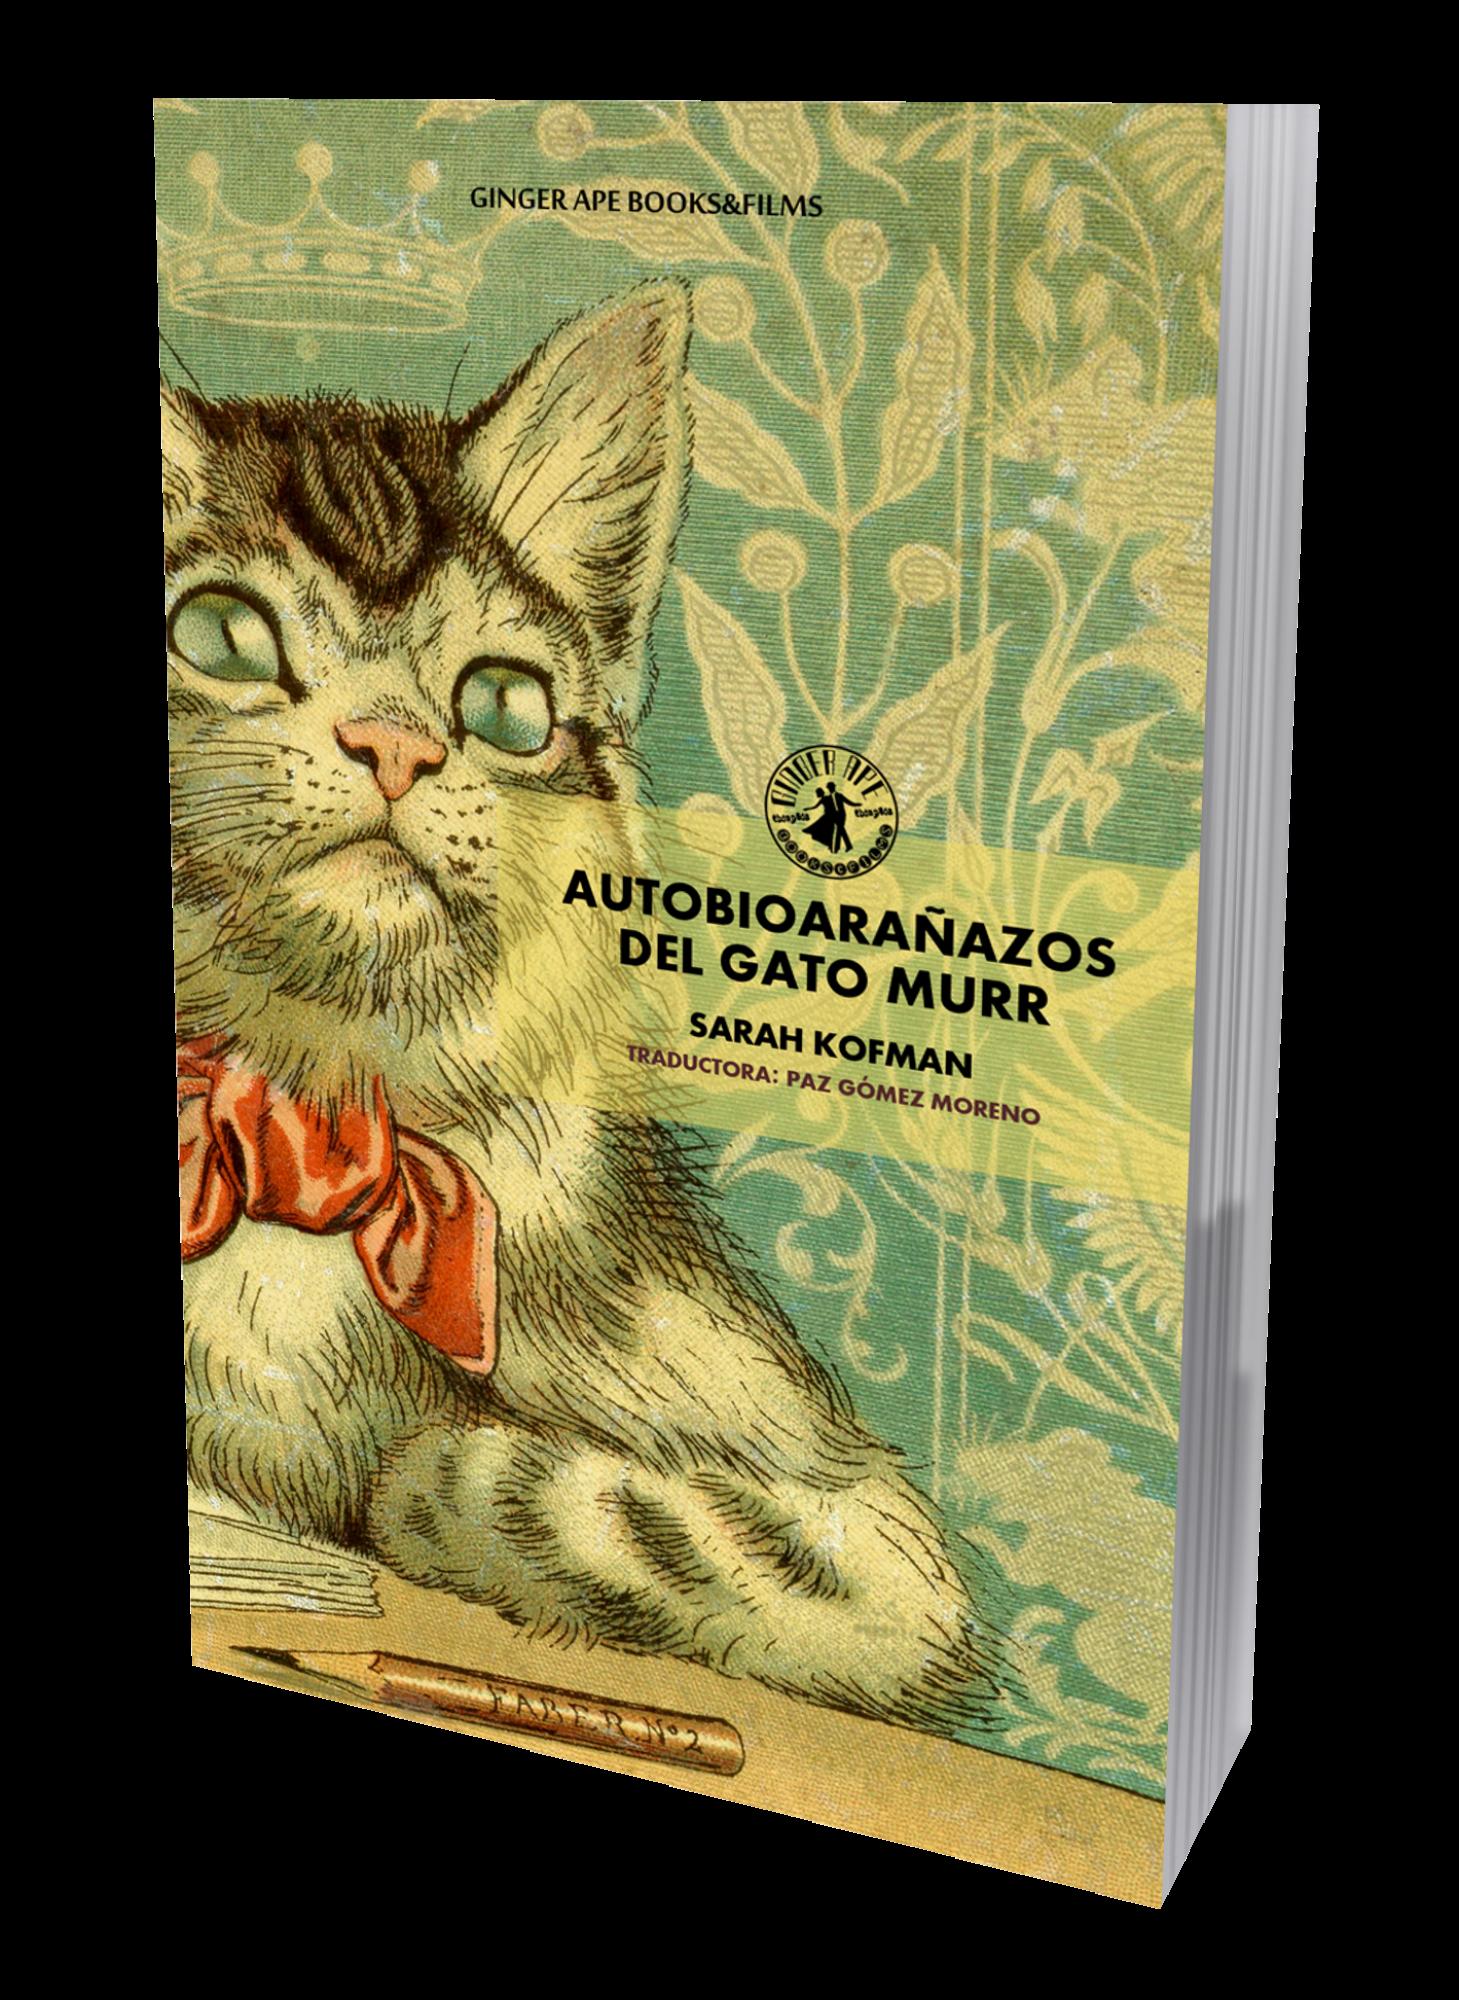 Repensando la escritura (y las relaciones hombre-animal) de la mano de Sarah Kofman y la garra del gato Murr